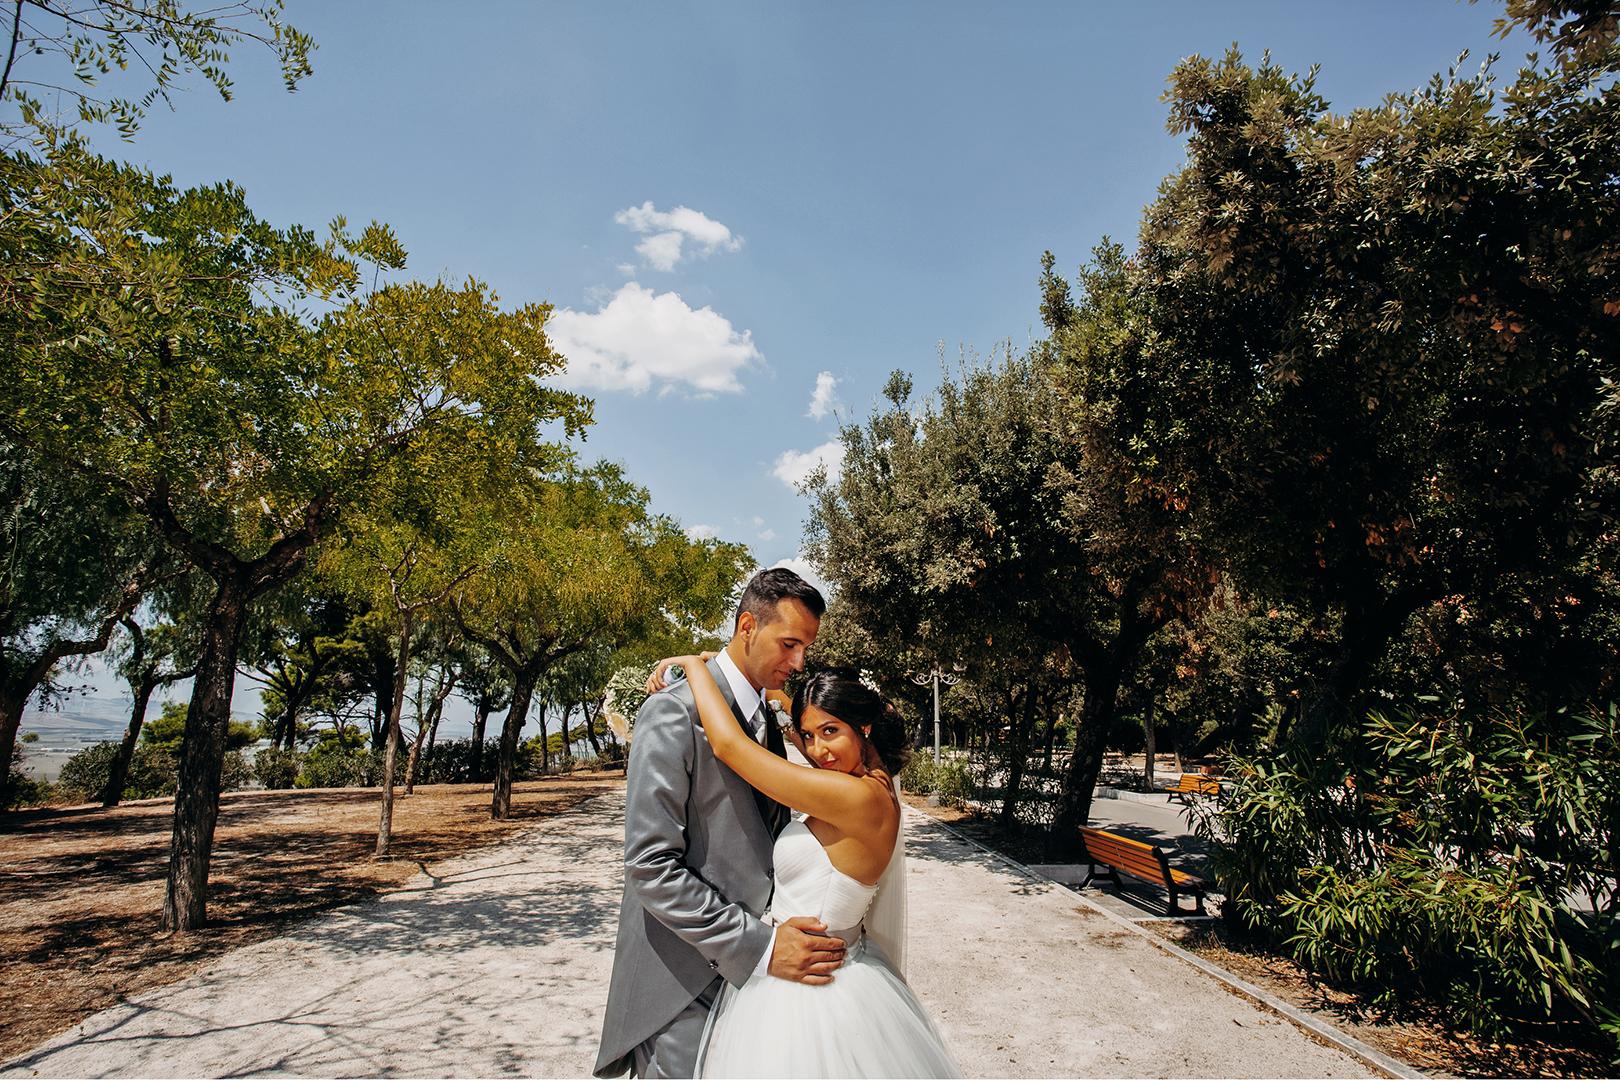 43 gianni-lepore-sposi-bride-groom-lucera-villa-italia-puglia-ritratto-fineart-weddingday